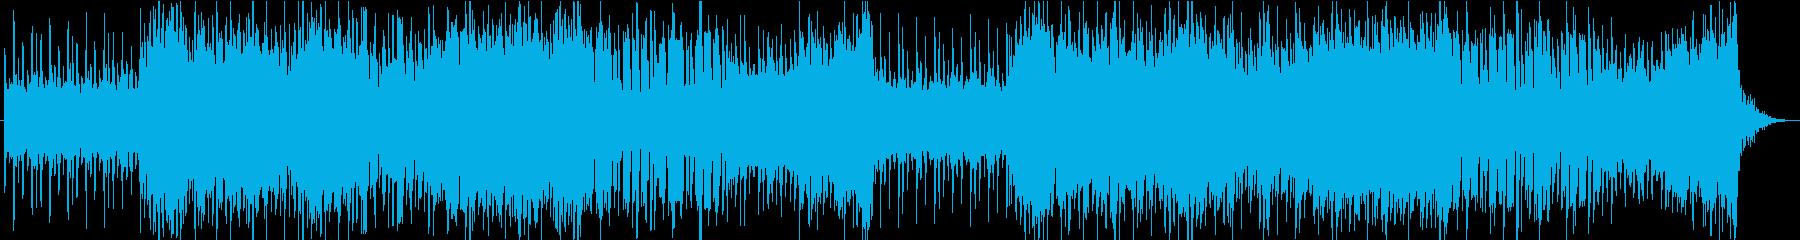 「春の海」和楽器だけのEDM風アレンジの再生済みの波形